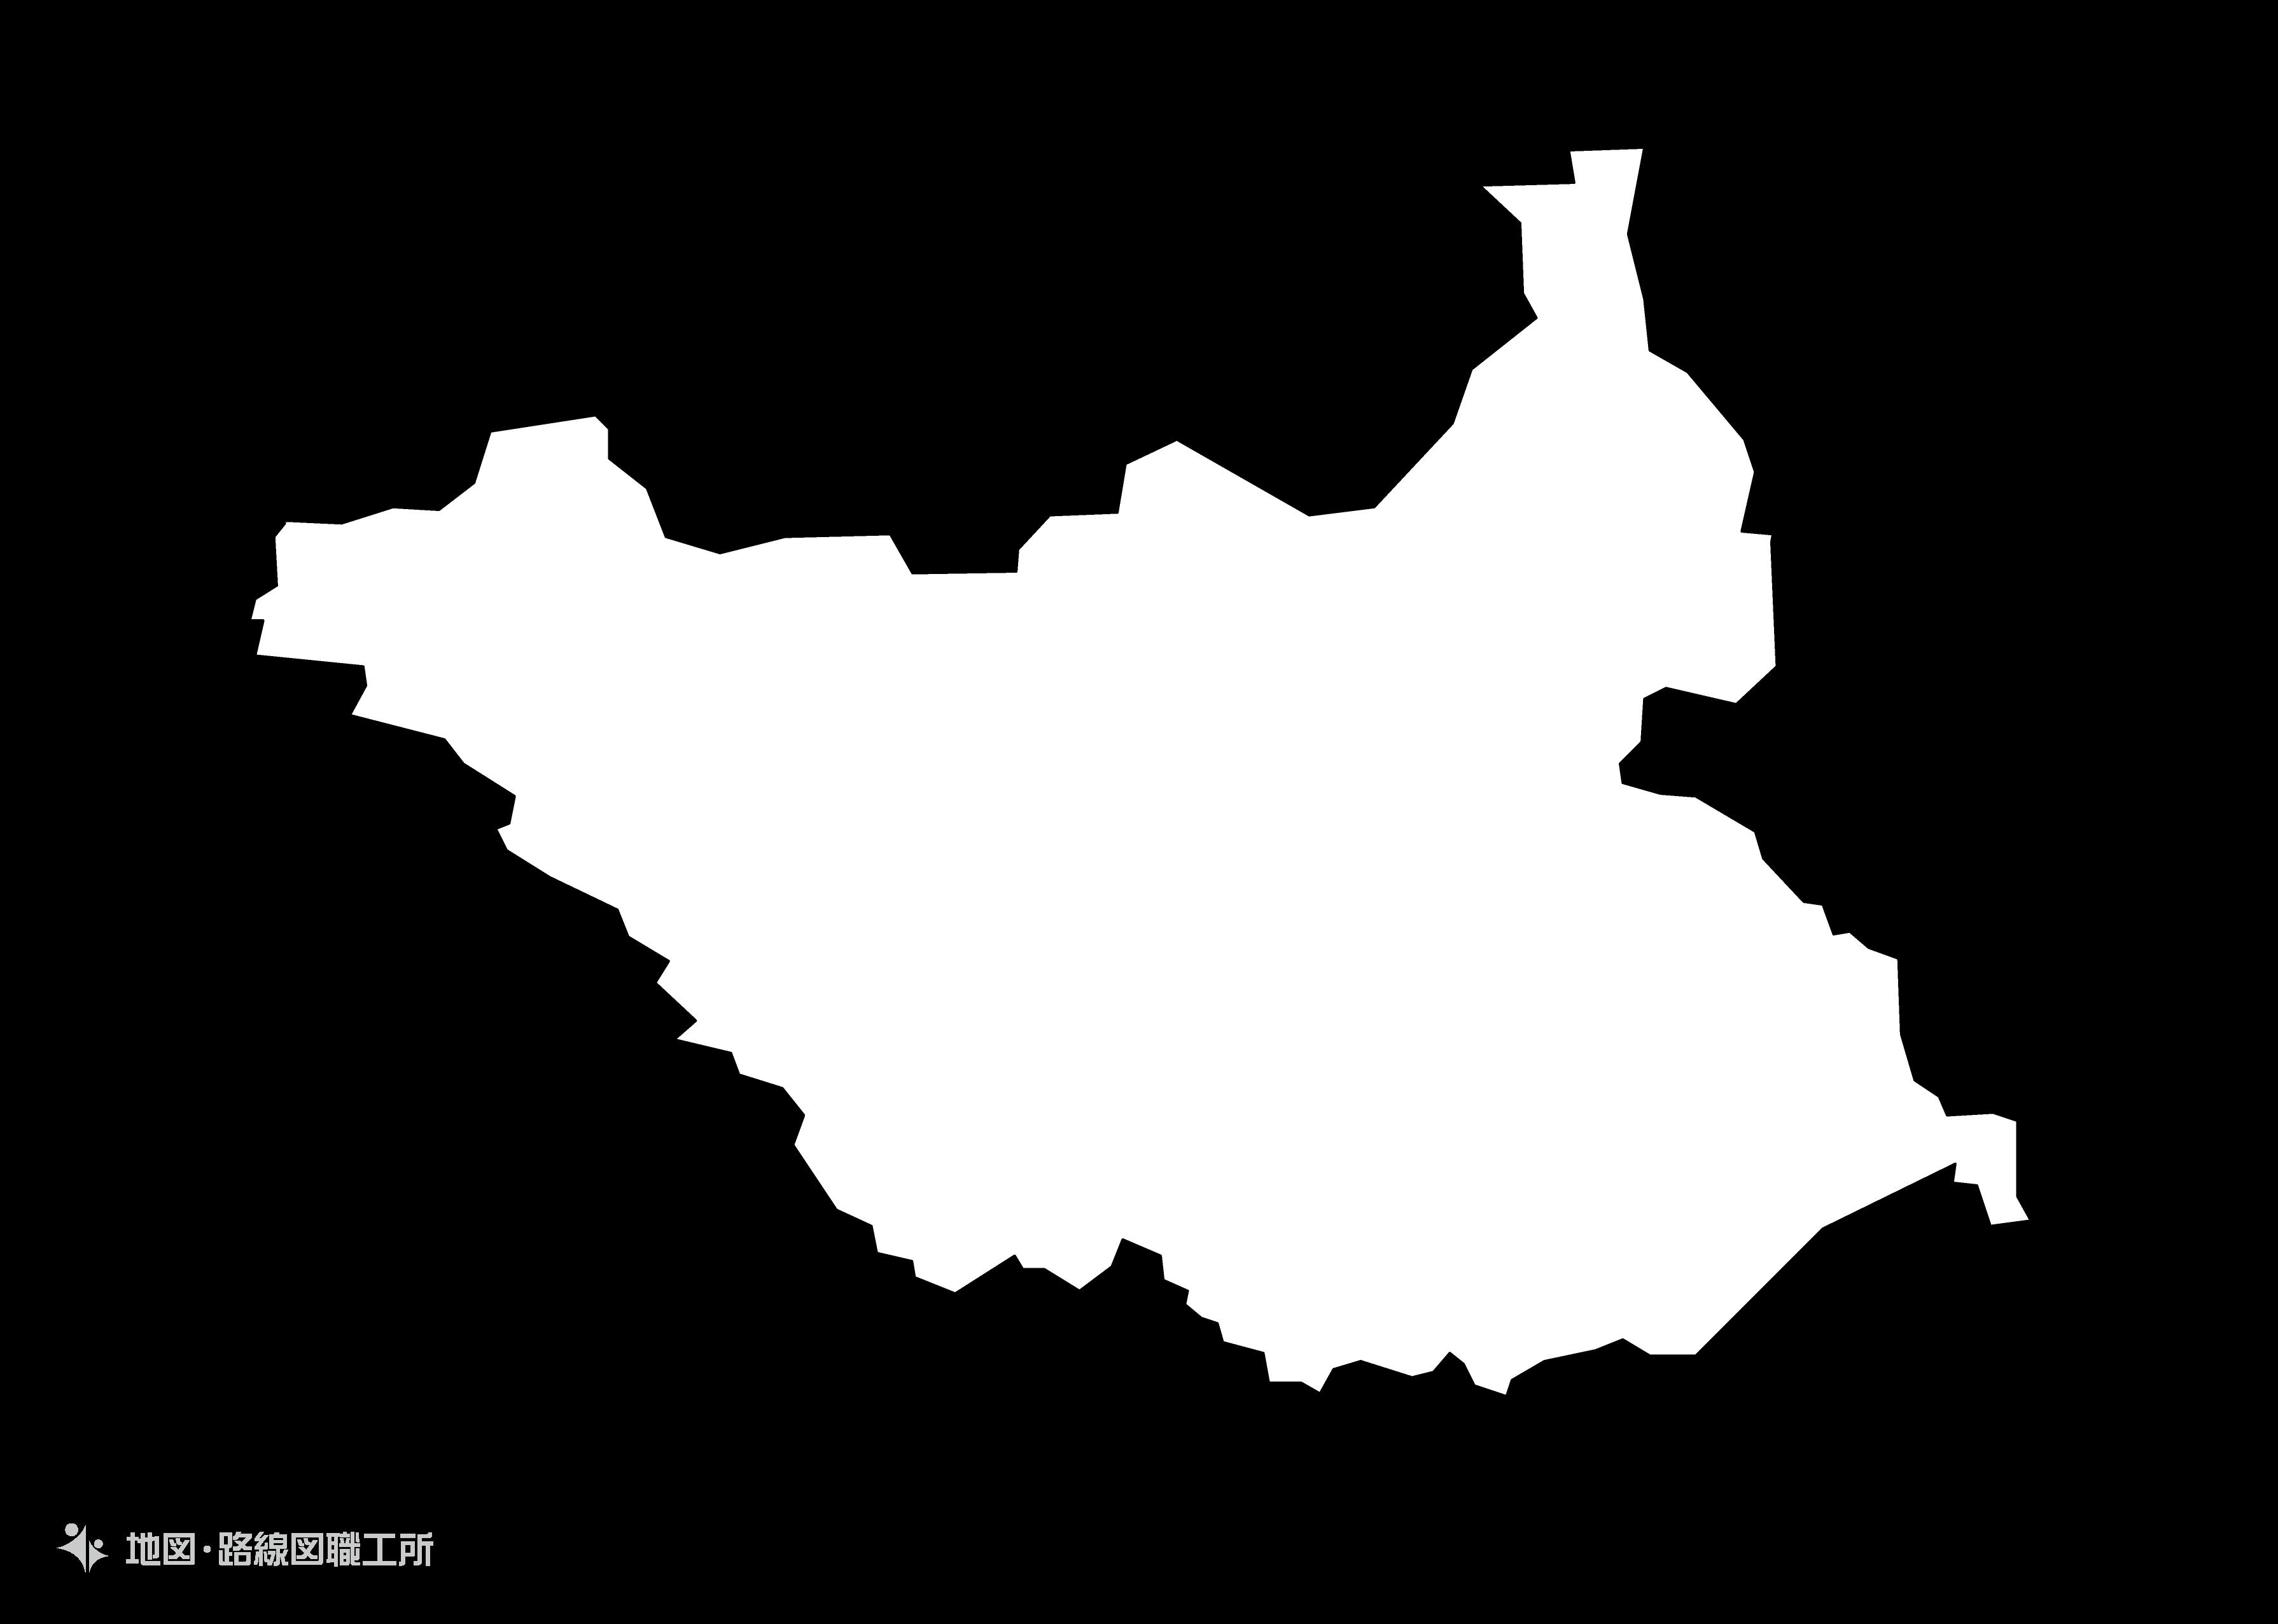 世界の白地図 南スーダン共和国 the-republic-of-south-sudan map